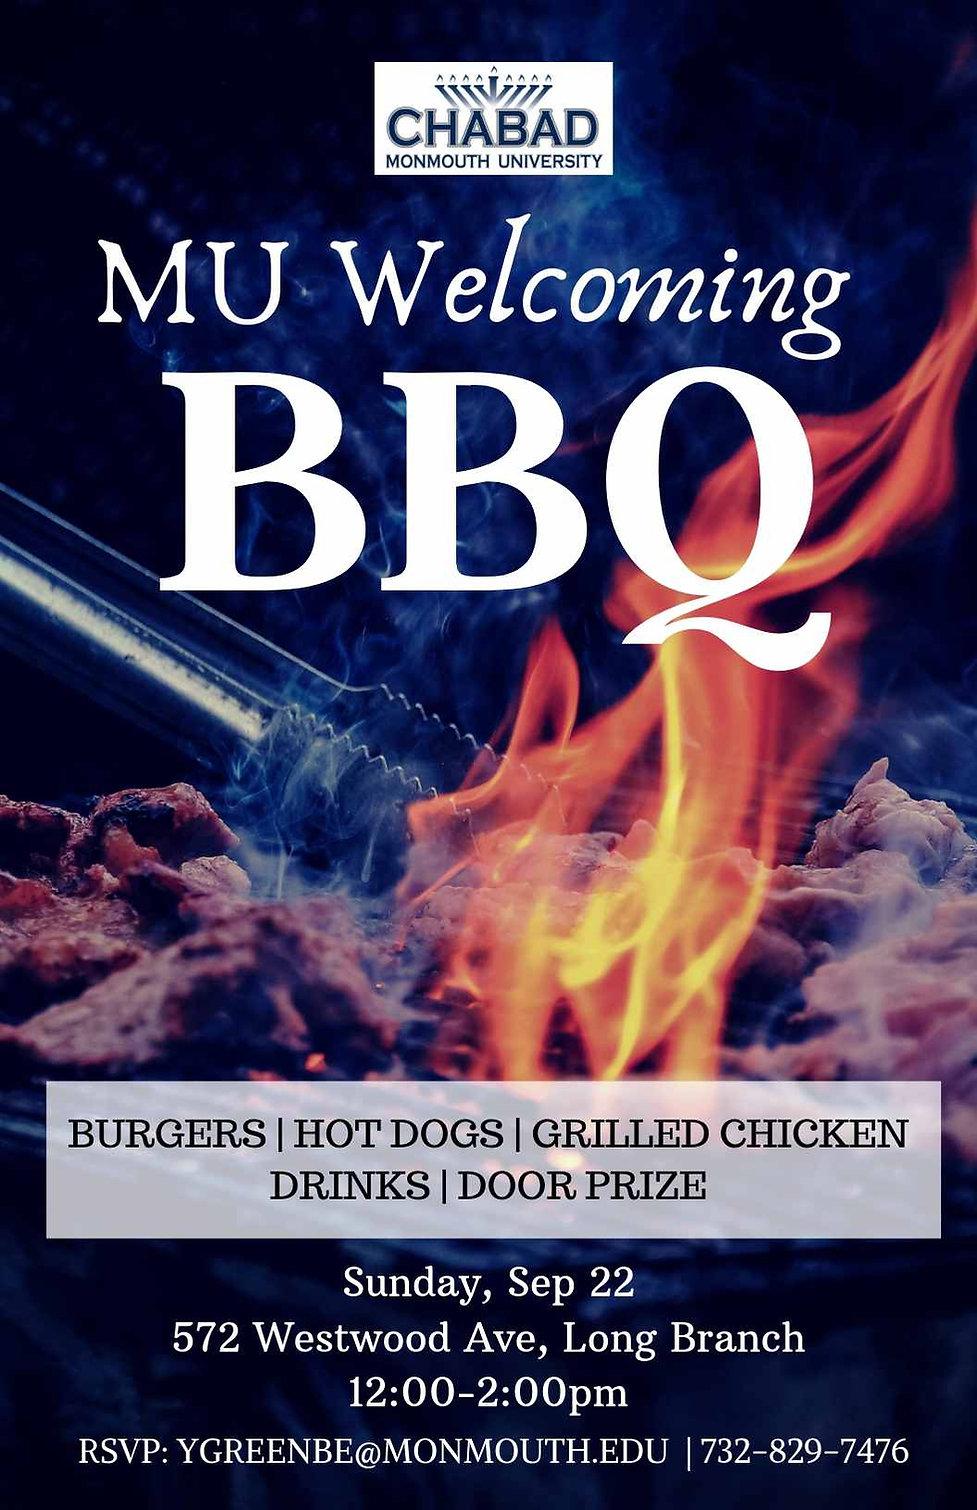 MU Welcoming BBQ 11x17.jpg